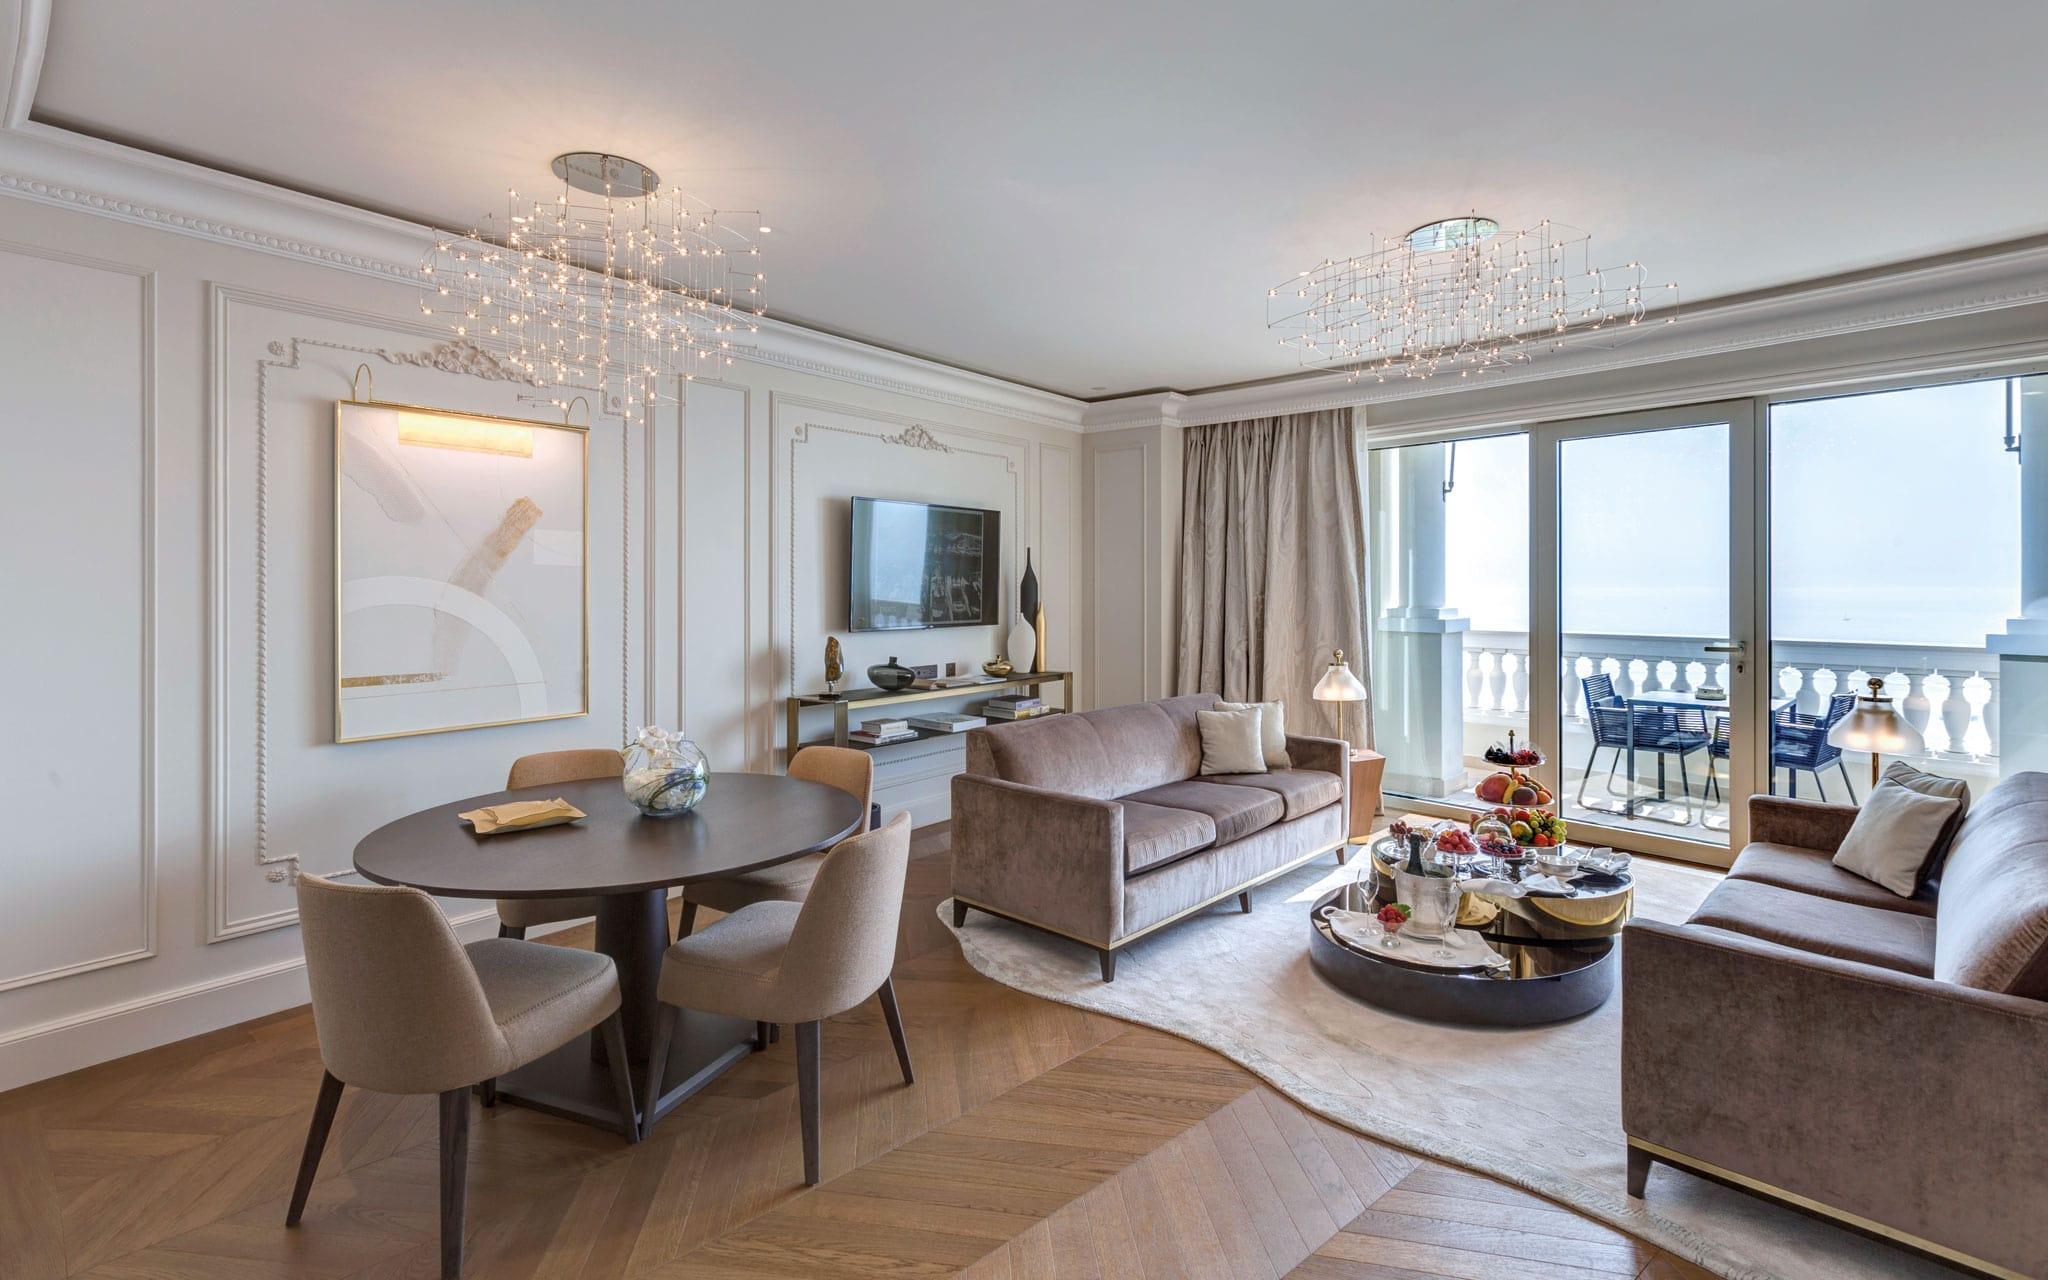 Hotel de Paris in Monaco | LISTONE GIORDANO